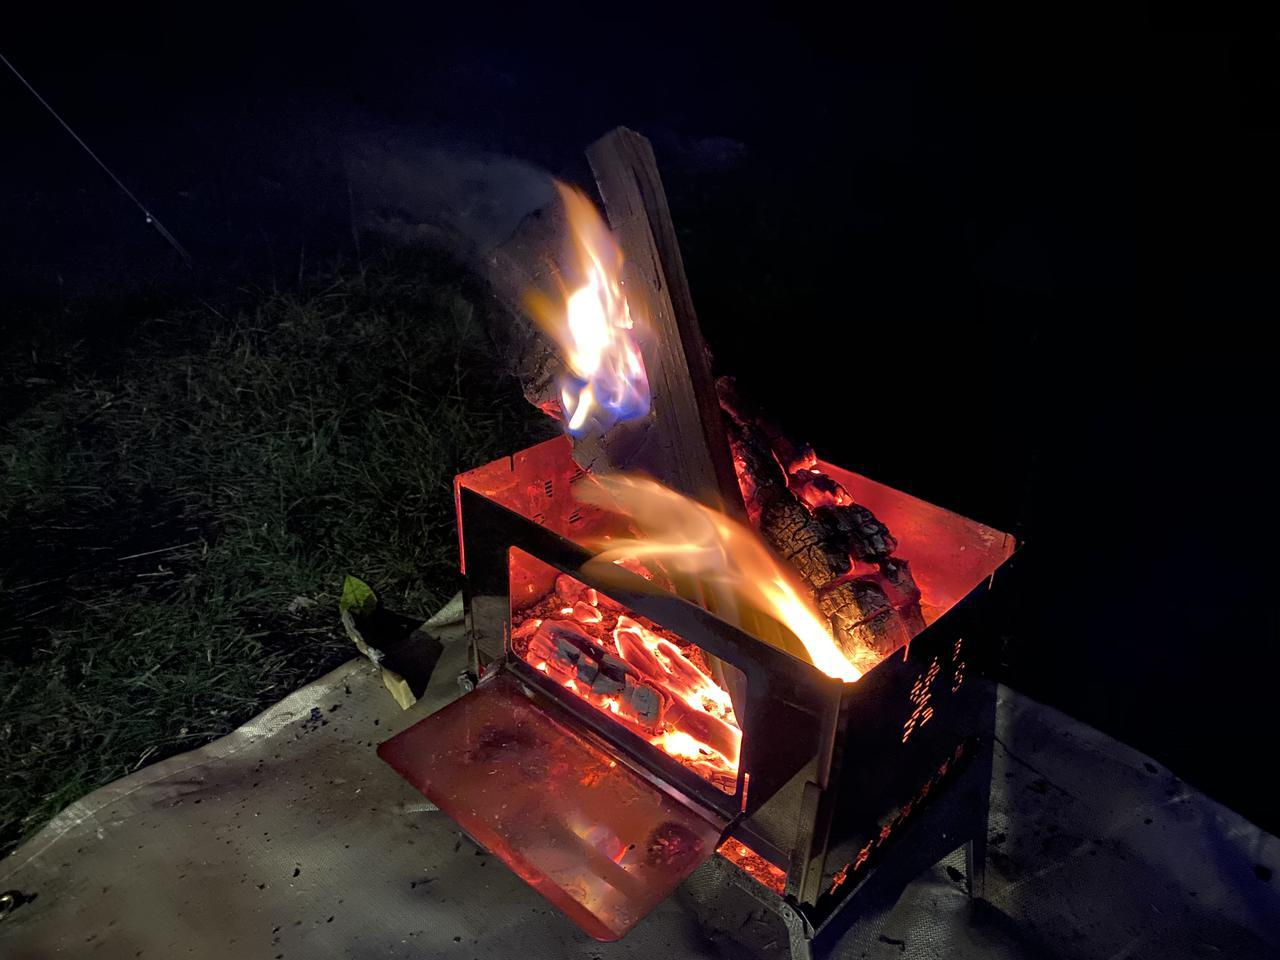 画像: 秋ソロキャンプの焚き火台は笑's「B-GO」で決まり!人気の「B-6君」よりオススメな理由とは!? - ハピキャン|キャンプ・アウトドア情報メディア